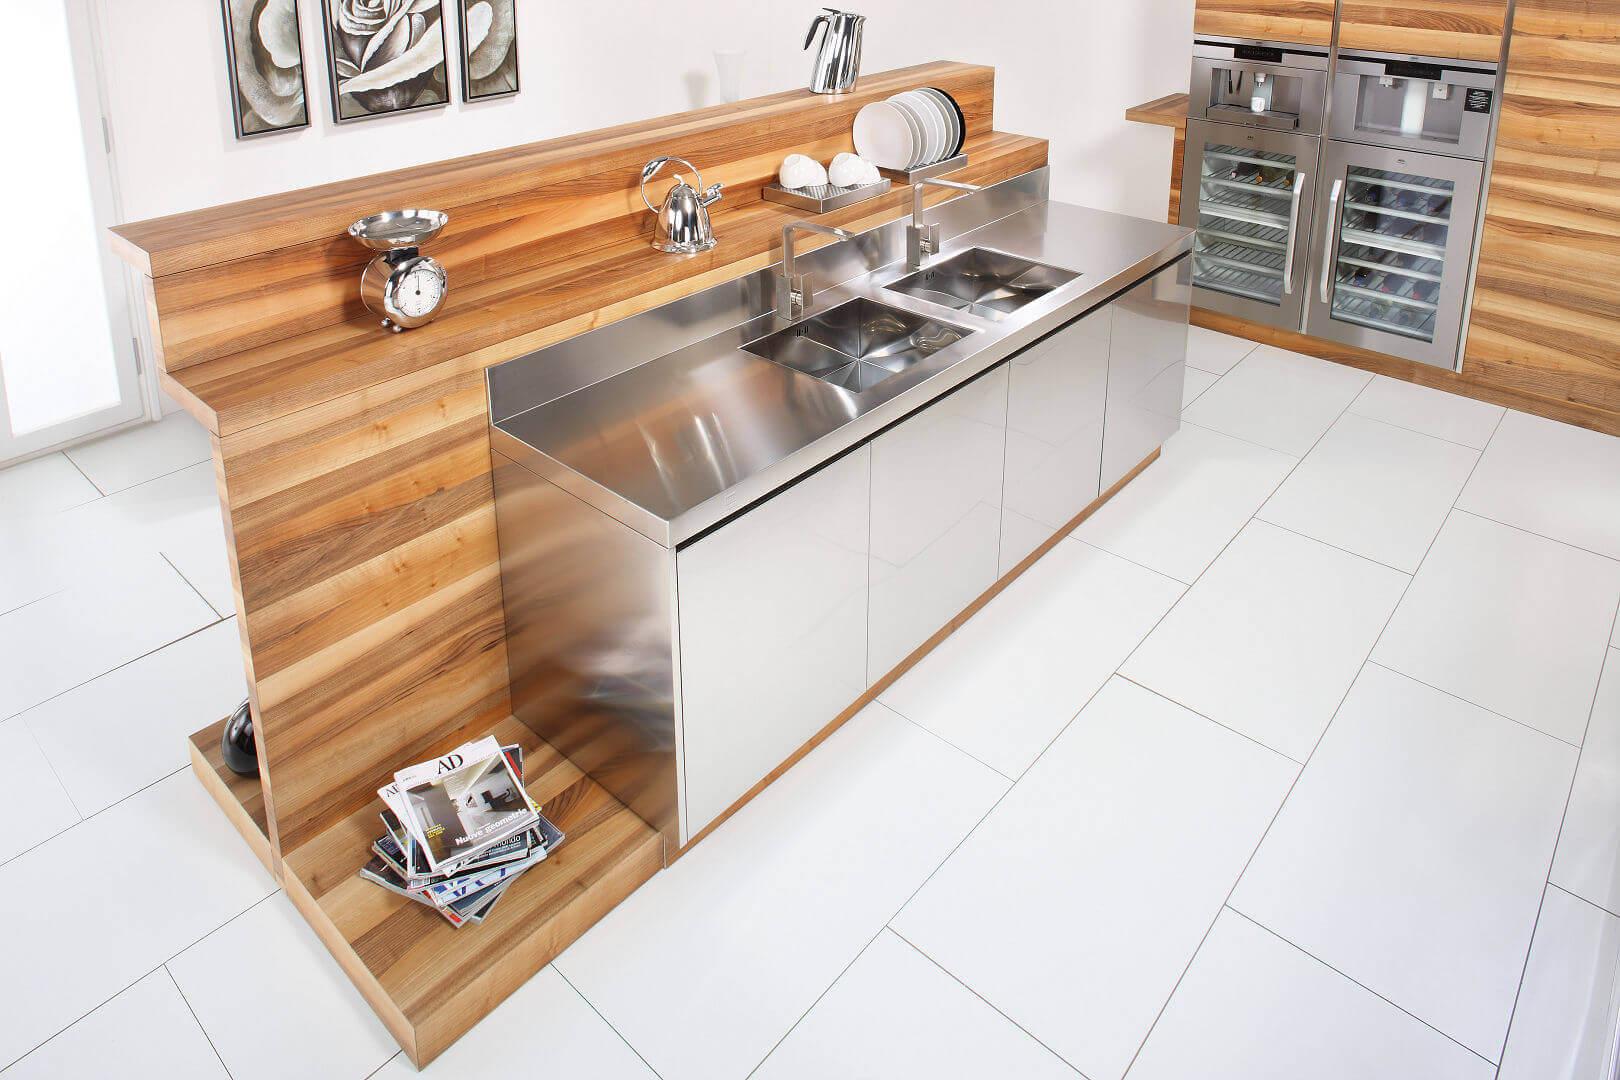 Arca Cucine Italia - Cucine Domestiche Acciaio Inox - Hd - Arca_420 472